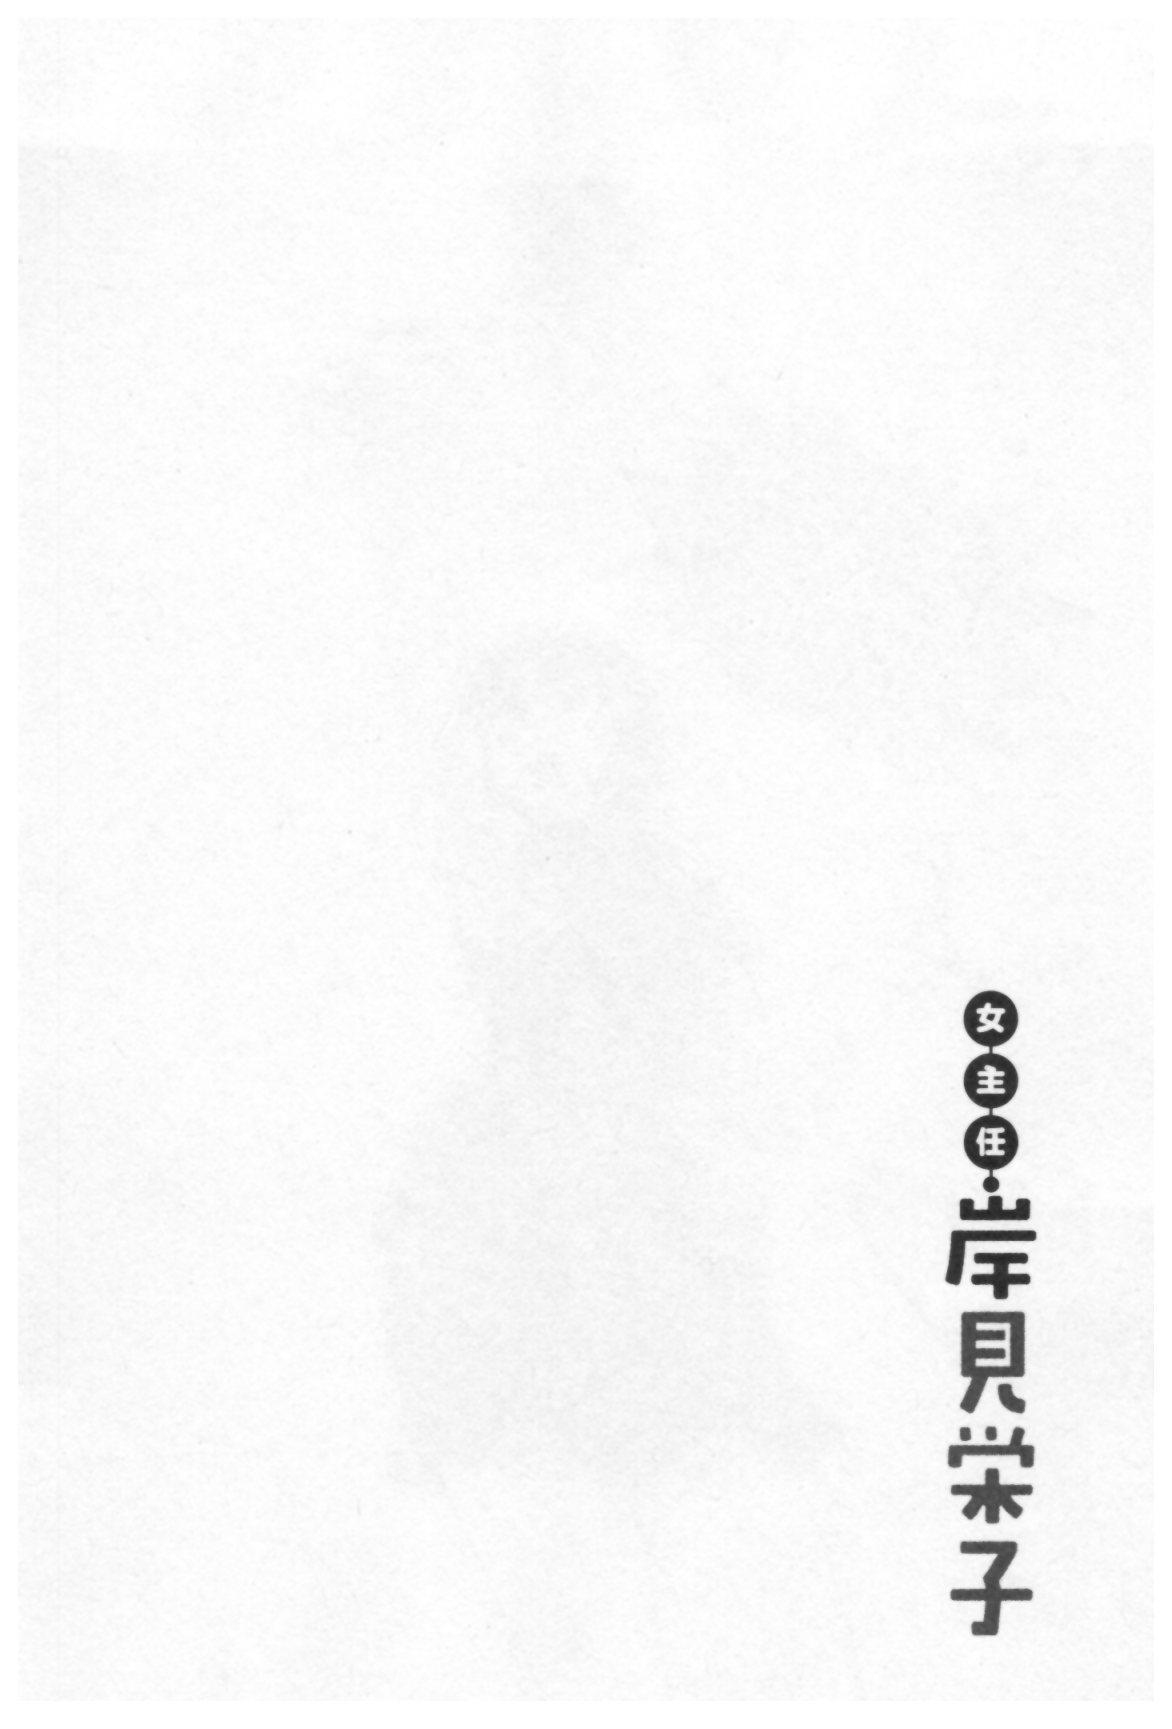 Onna Shunin - Kishi Mieko 1 133